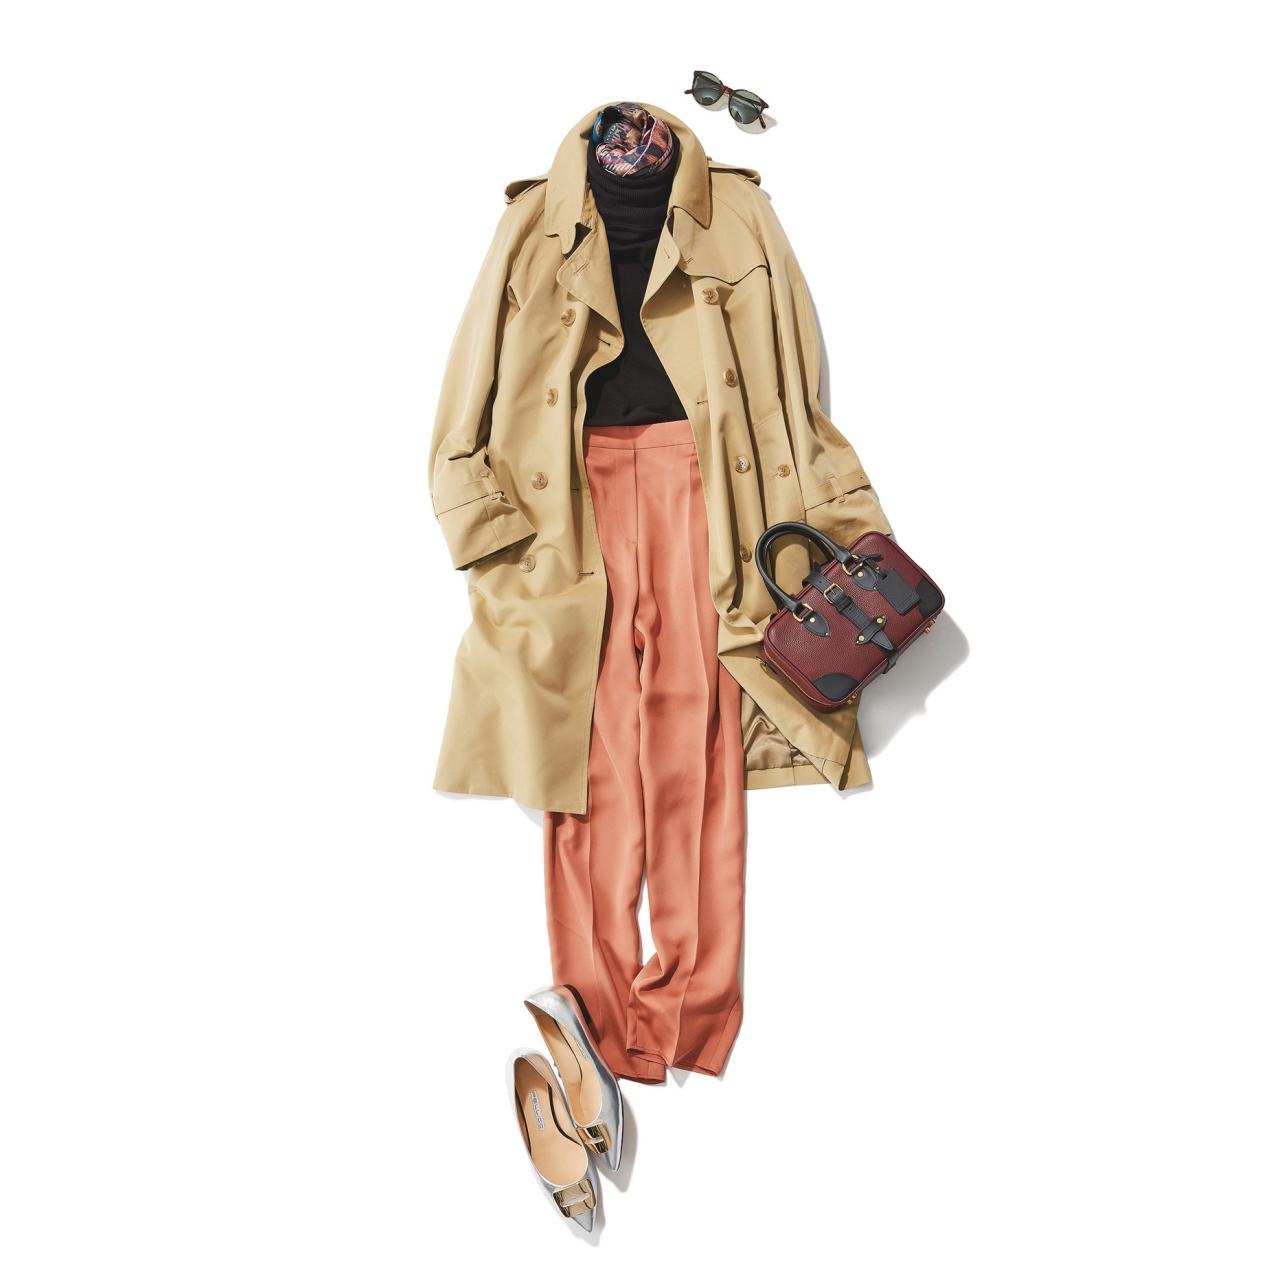 ベージュのトレンチコート×黒ニット&サーモンピンクパンツのファッションコーデ